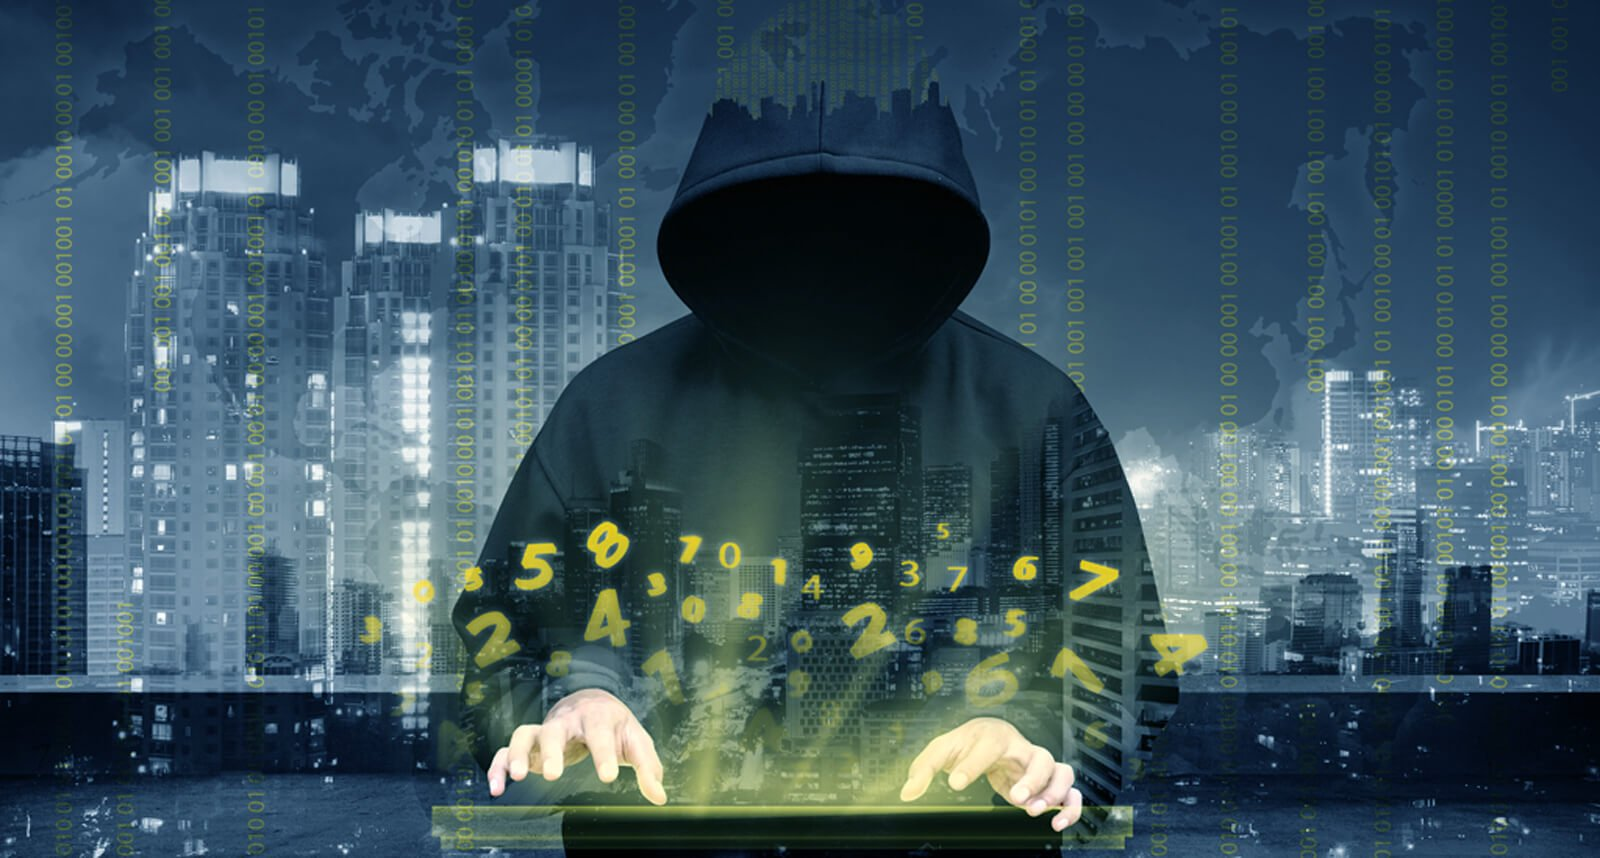 Hacker keyboard